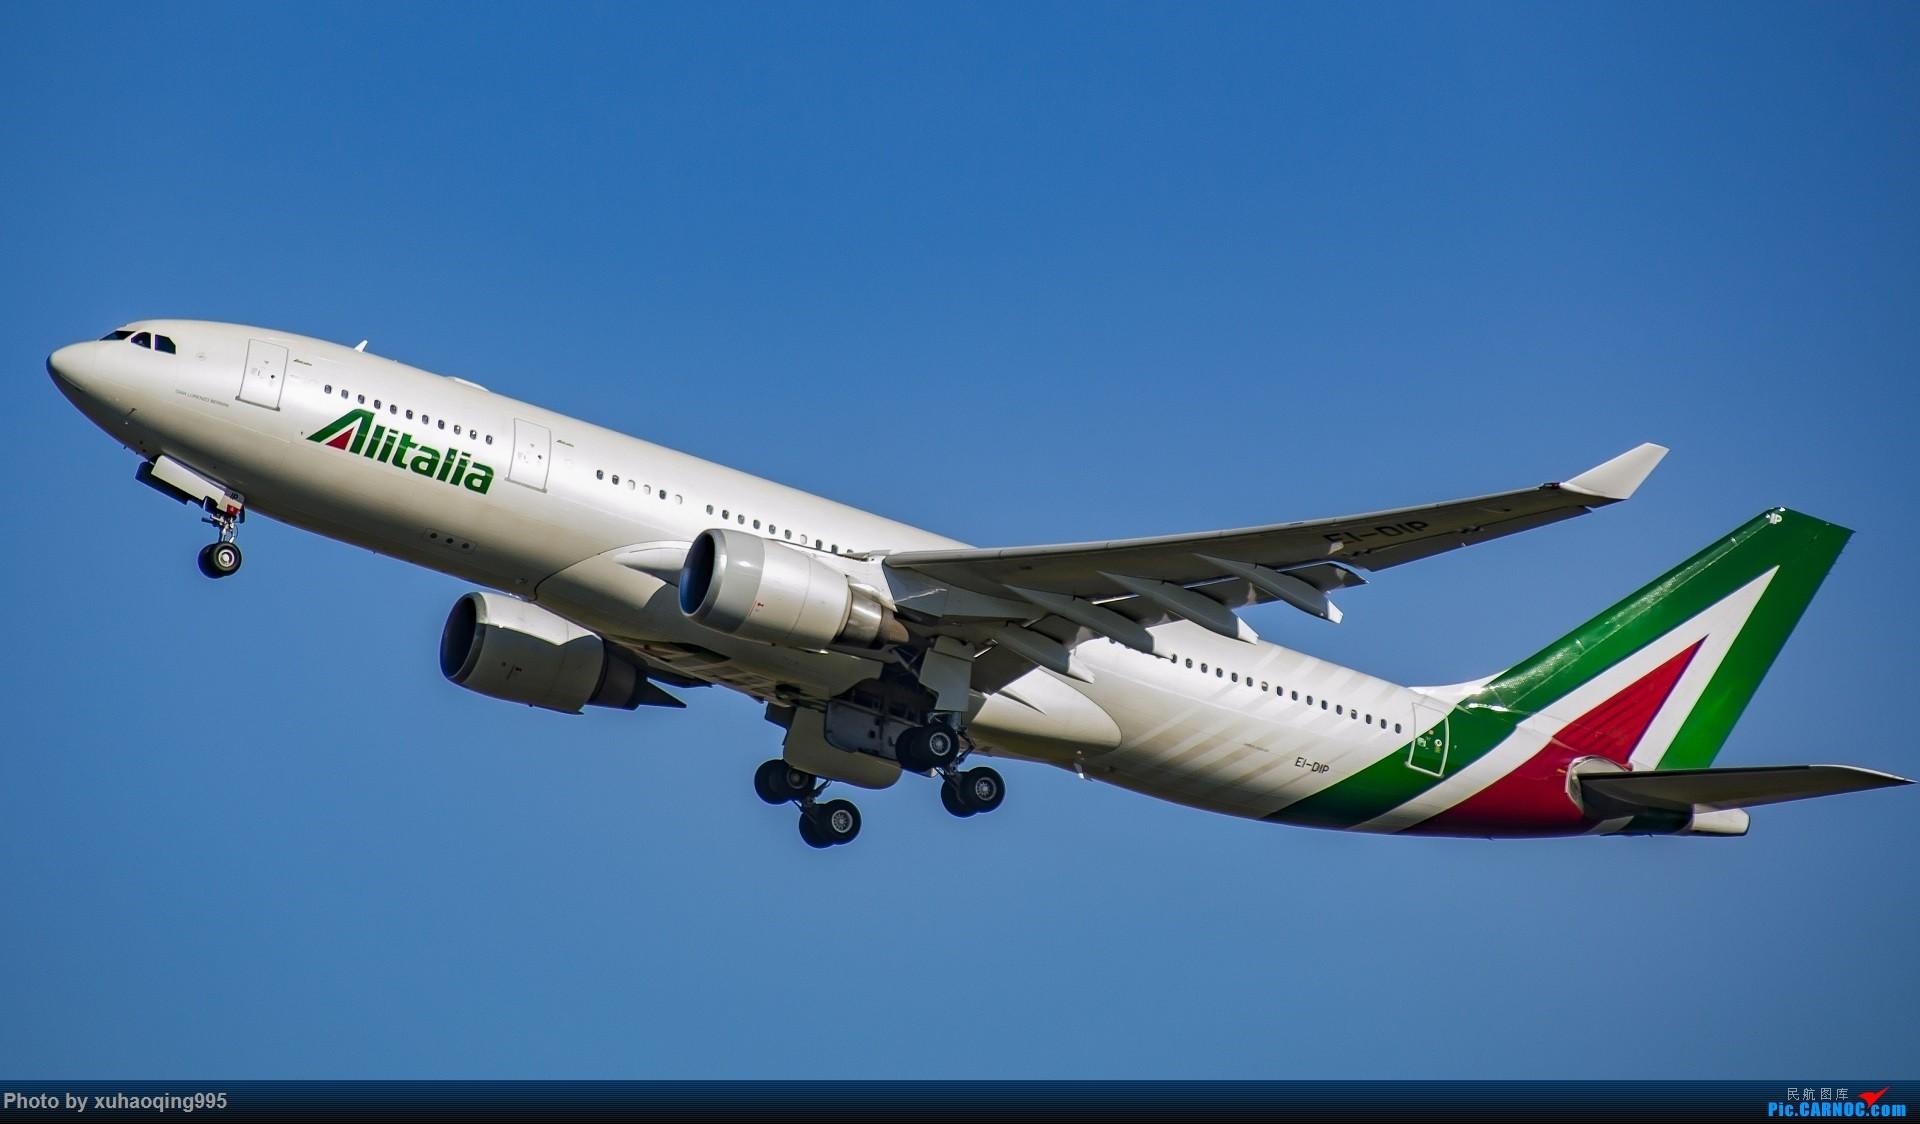 Re:[原创]罗马机场(FCO)拍机 AIRBUS A330-200 EI-DIP 意大利菲乌米奇诺机场